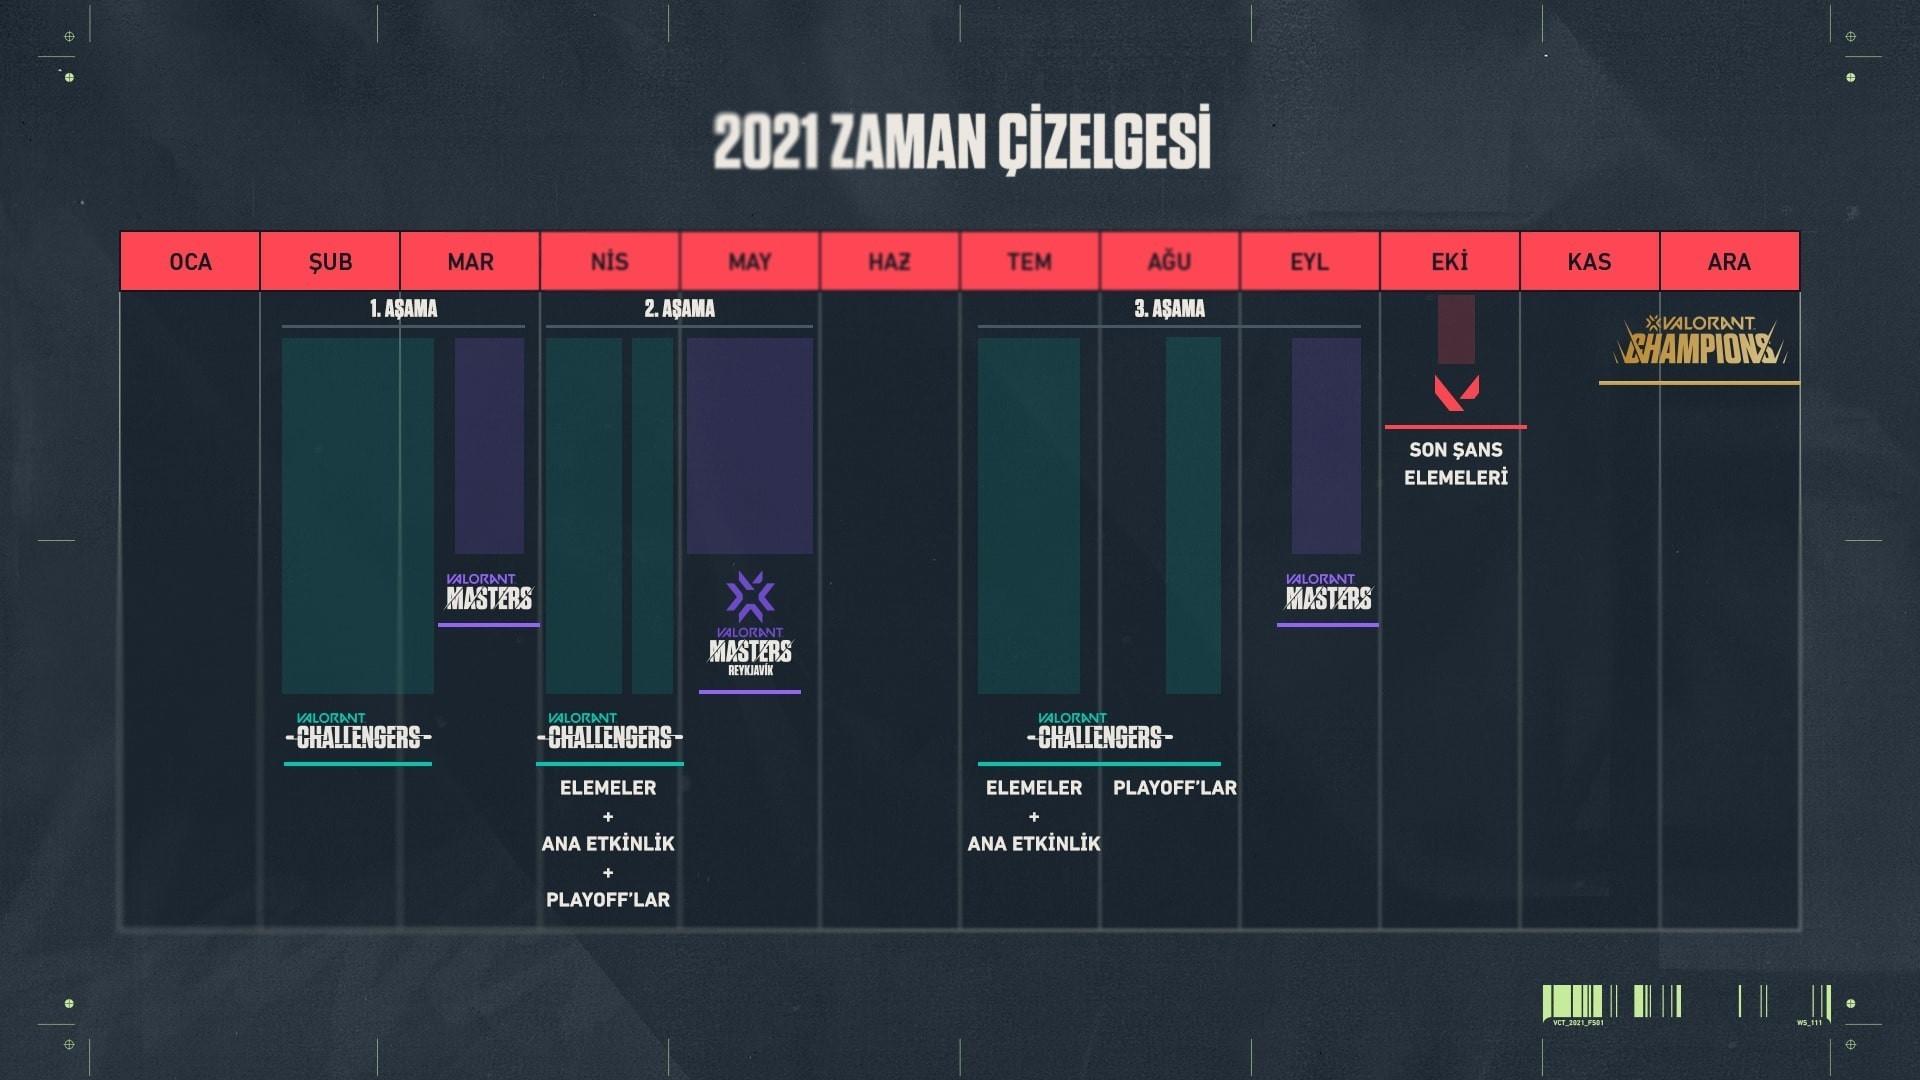 VCT'nin yeni takvimi Challengers sürecini detaylı şekilde gösteriyor.